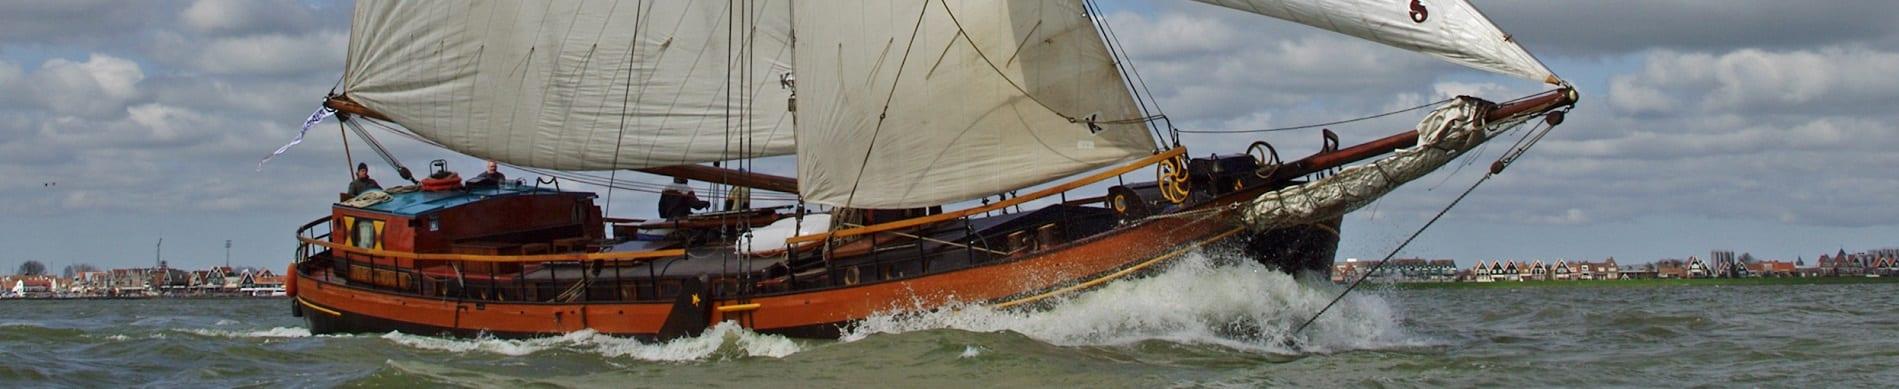 Segelschiff IJsselmeer